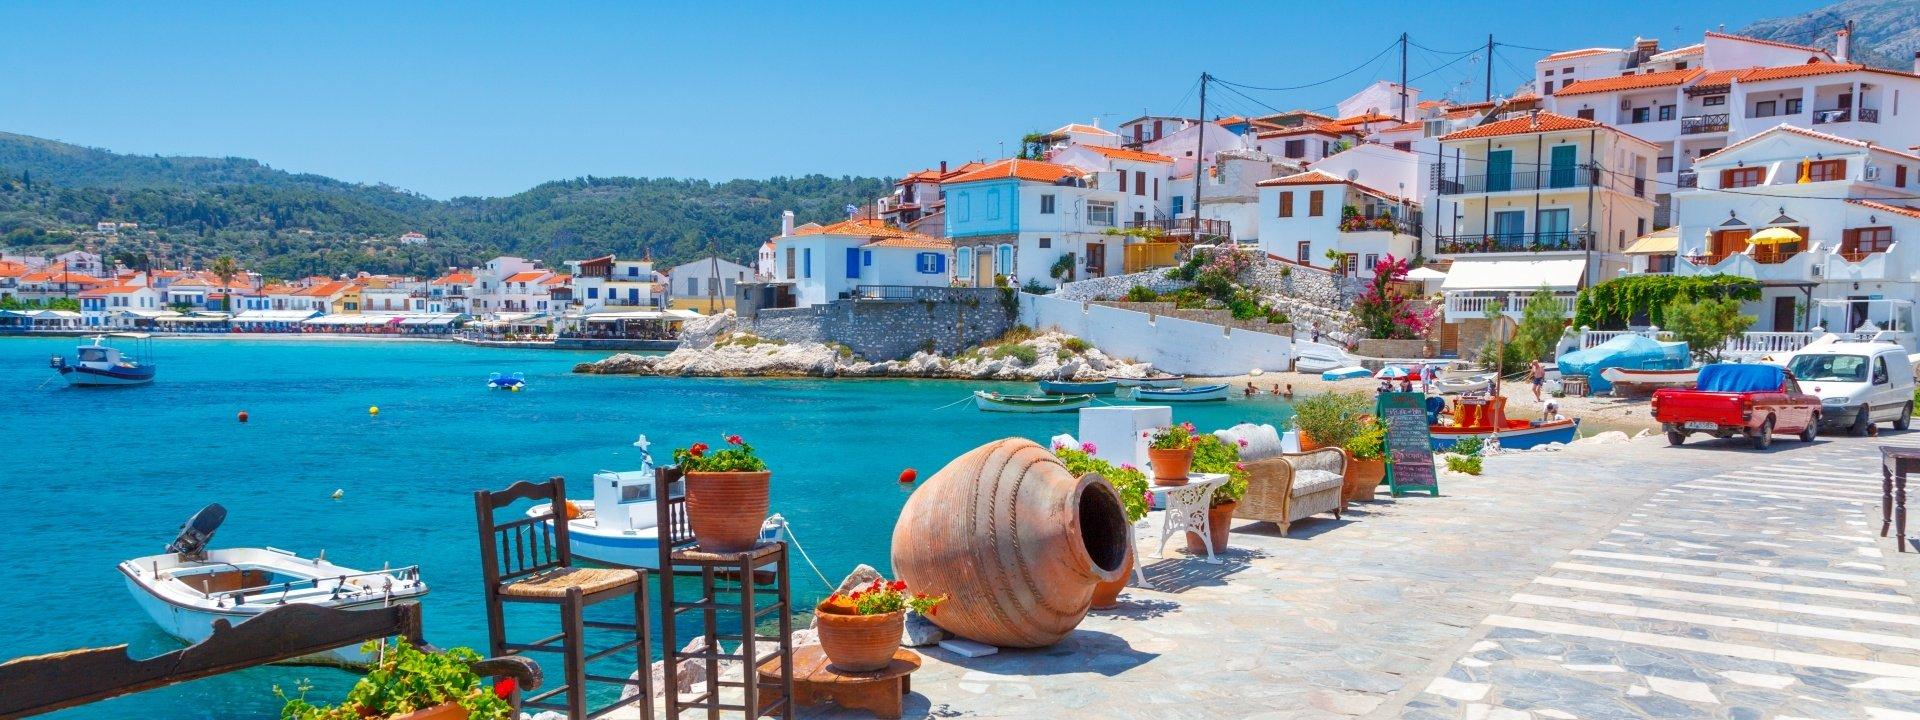 Samos, Grčka